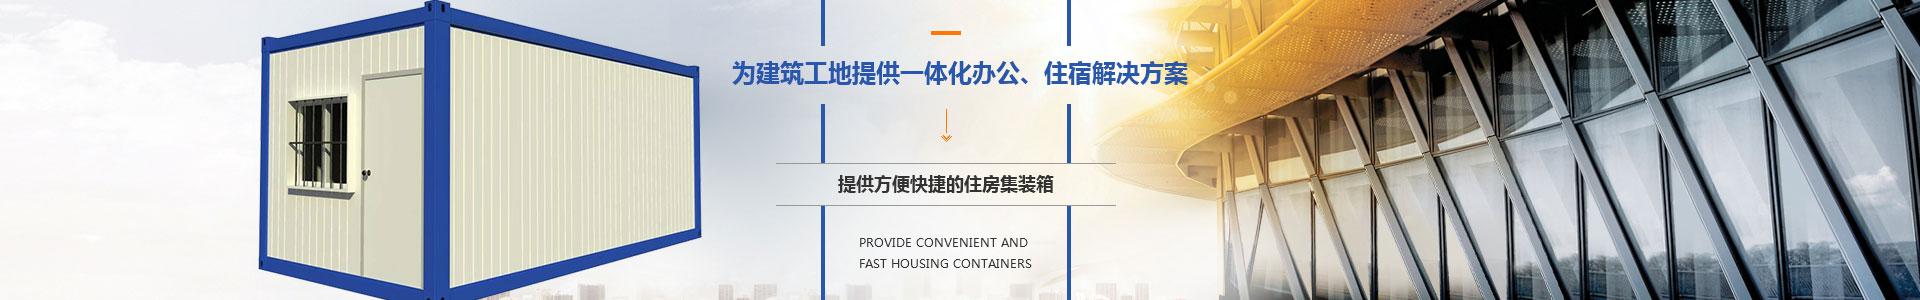 重庆集装箱厂家